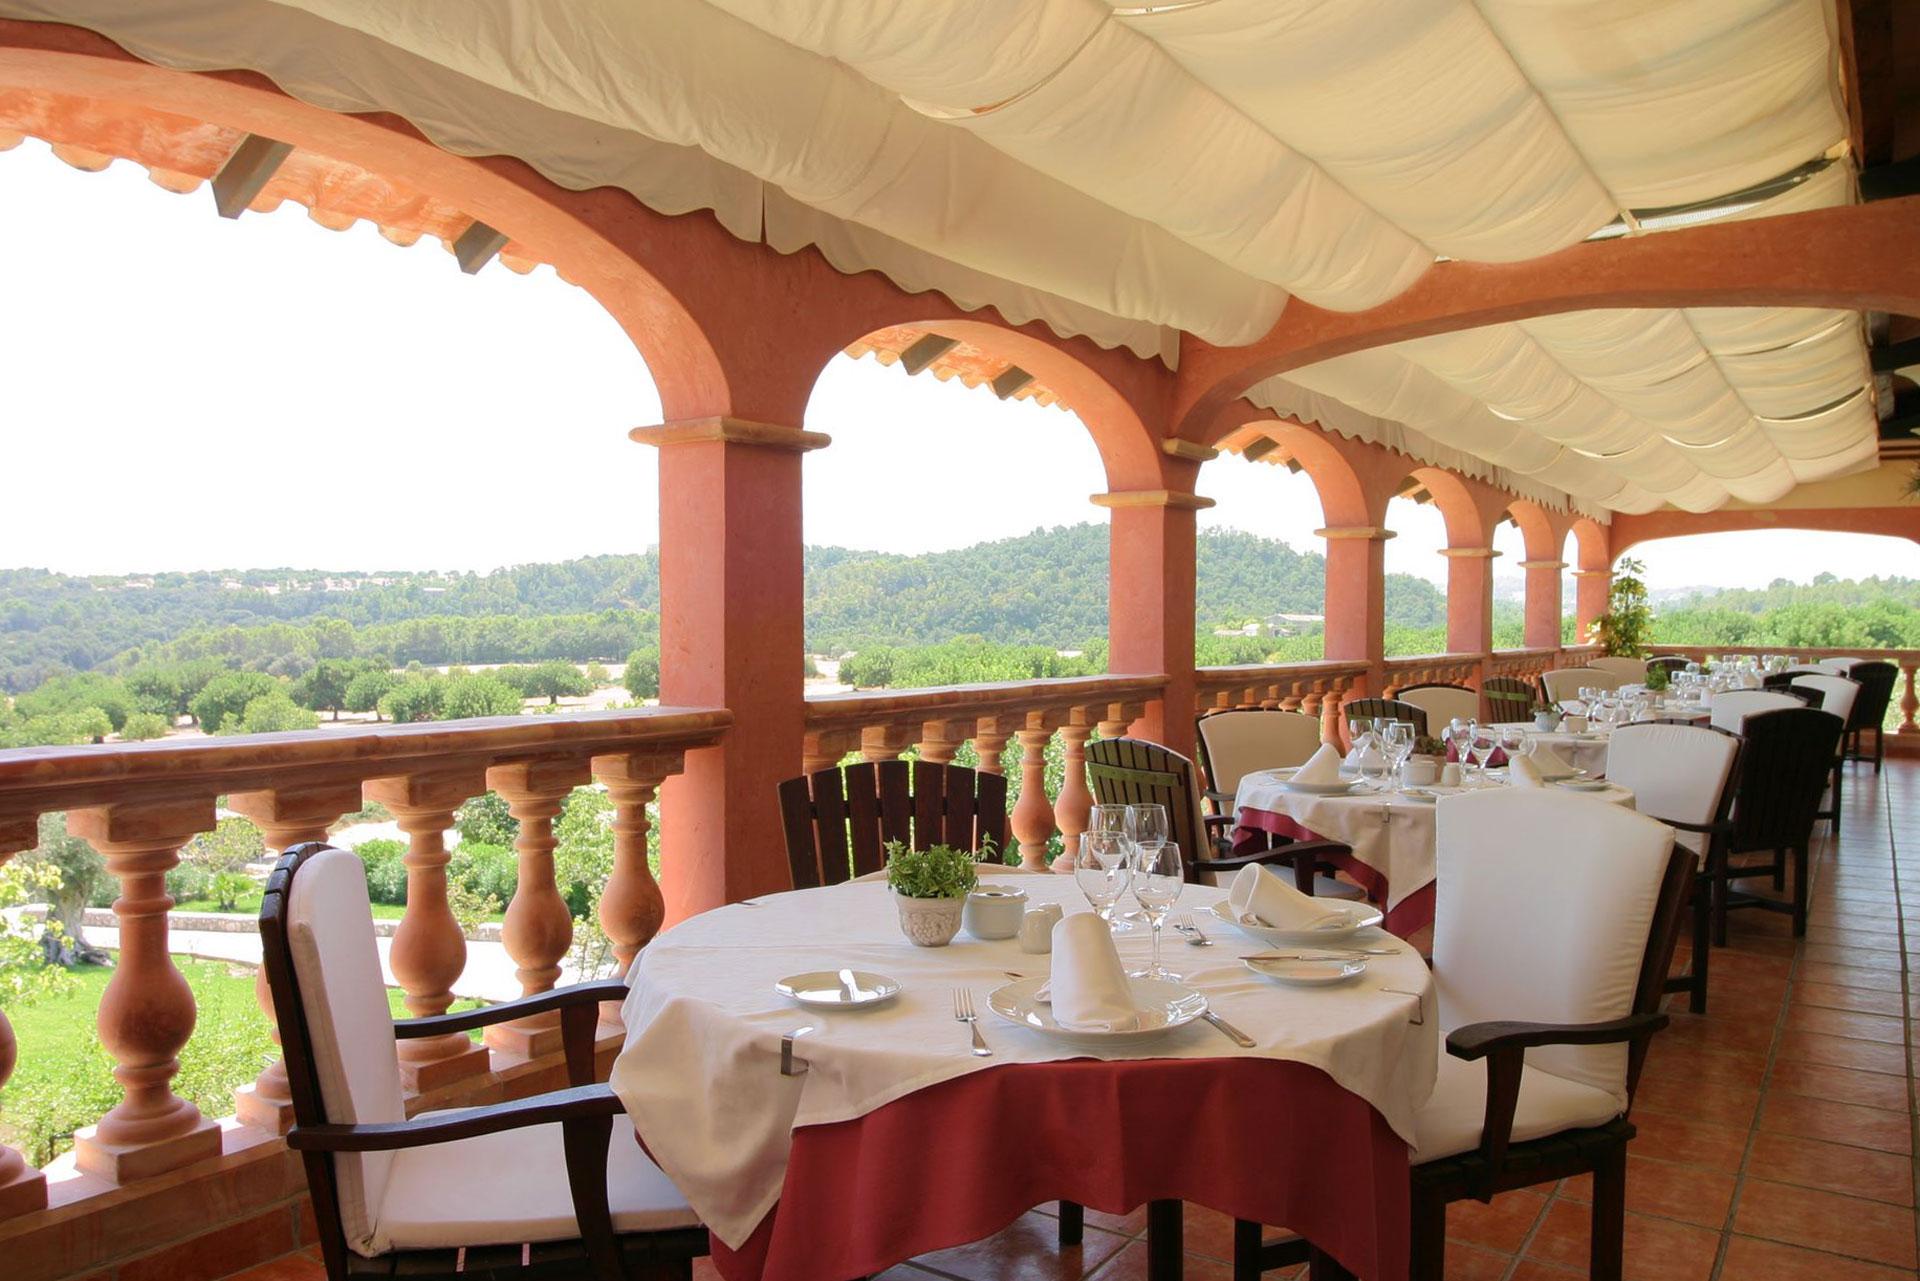 Sélection de menus et de boissons pour le restaurant de l'HOTEL RURAL Monnaber Nou Mallorca: